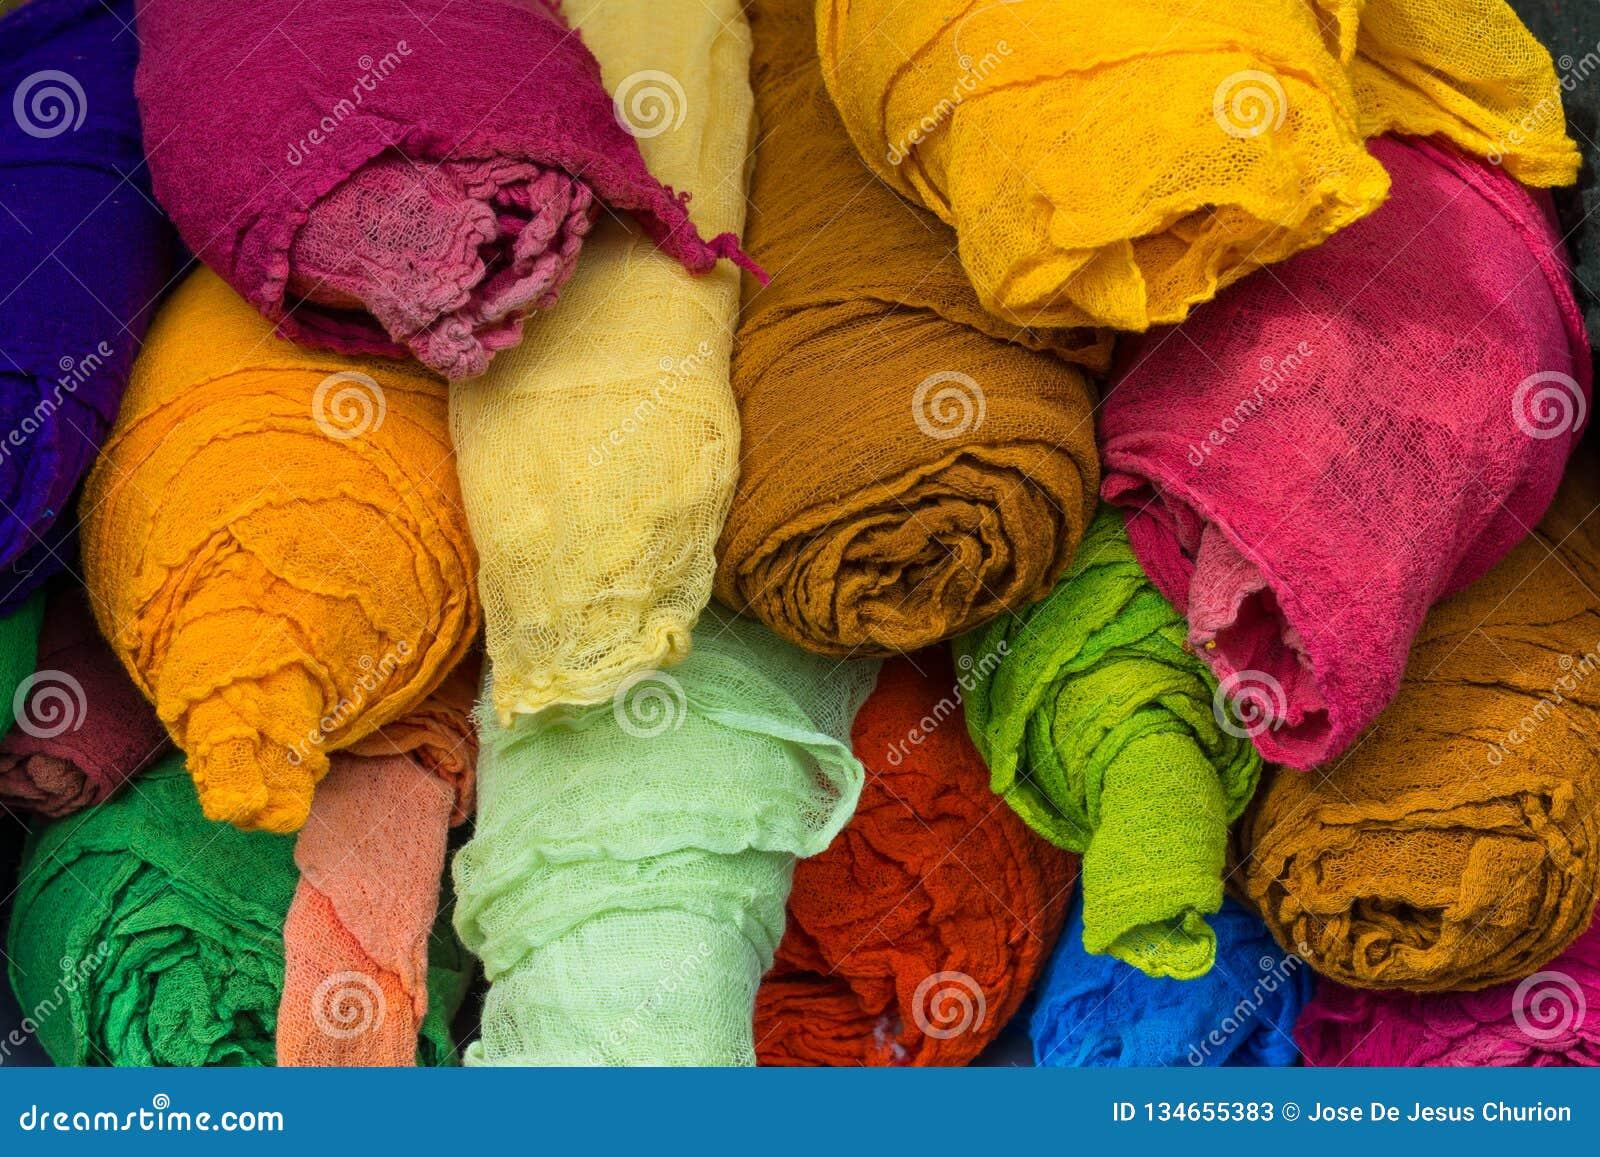 Die Rollen des Stoffes sind von den verschiedenen Farben